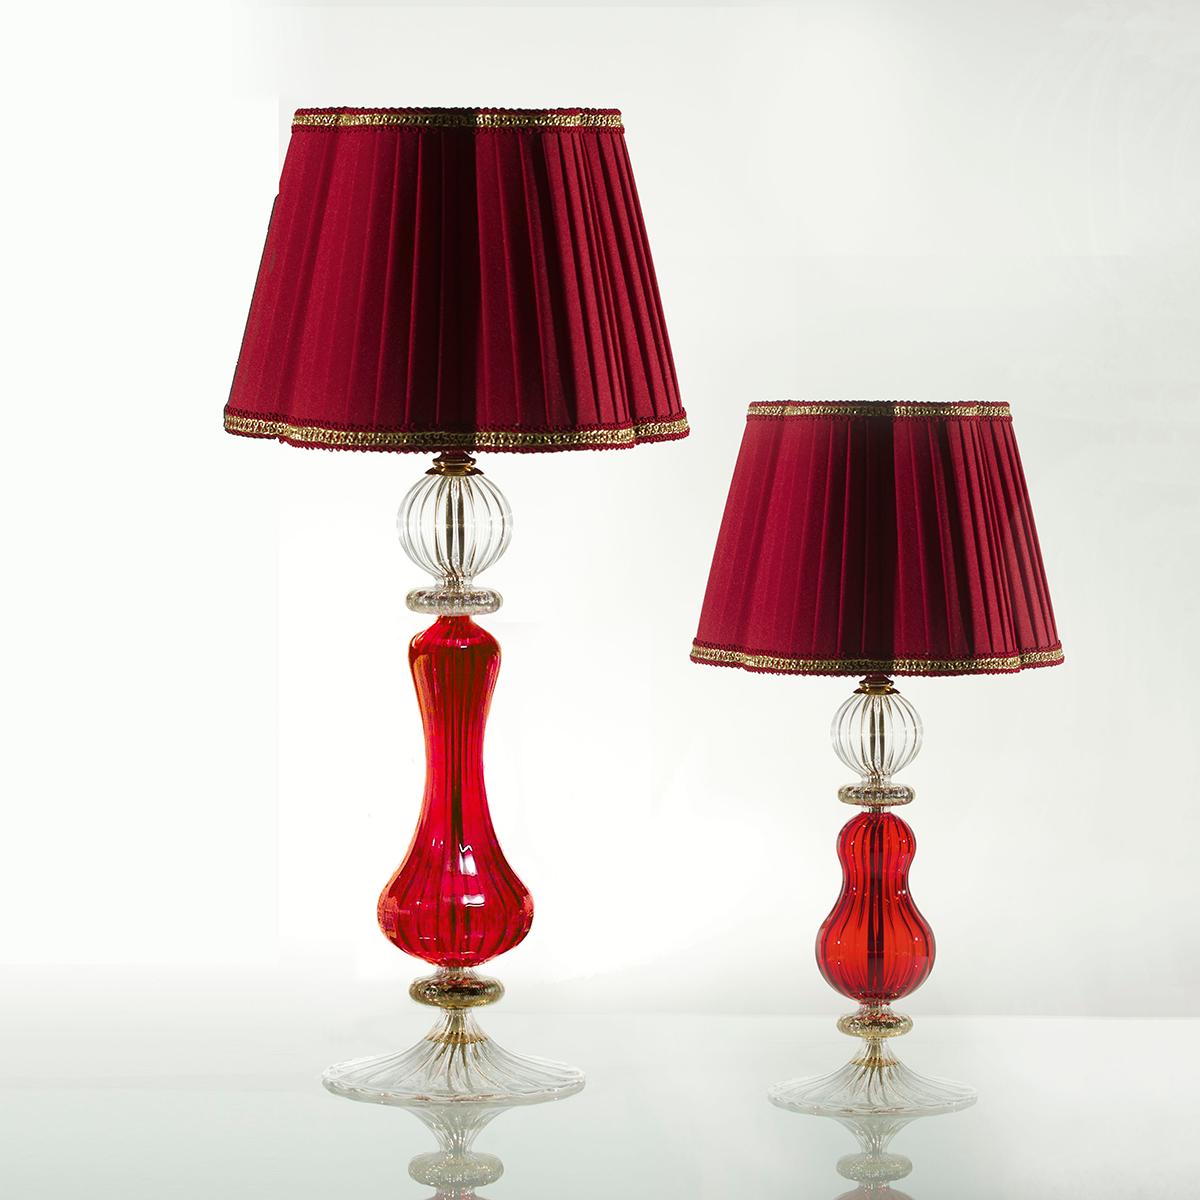 Naxos lampada da tavolo 51006/51008 - на 360.ru: цены, описание, характеристики, где купить в Москве.